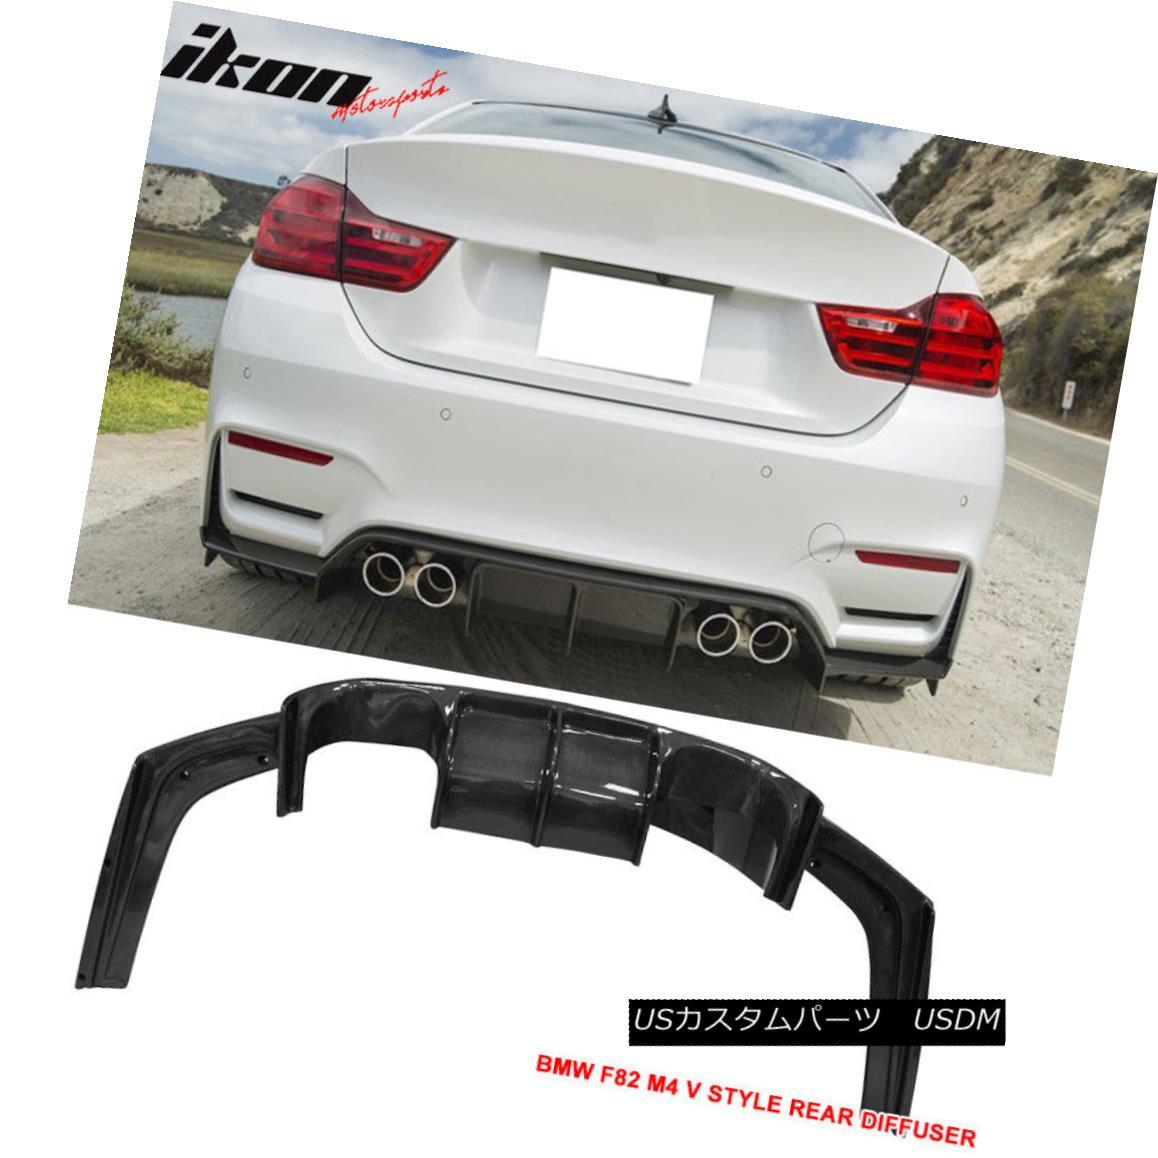 エアロパーツ Fits 14-15 BMW F80 M3 F82 M4 Only V Style Rear Bumper Lip Diffuser CF フィット14-15 BMW F80 M3 F82 M4のみVスタイルリアバンパーリップディフューザーCF